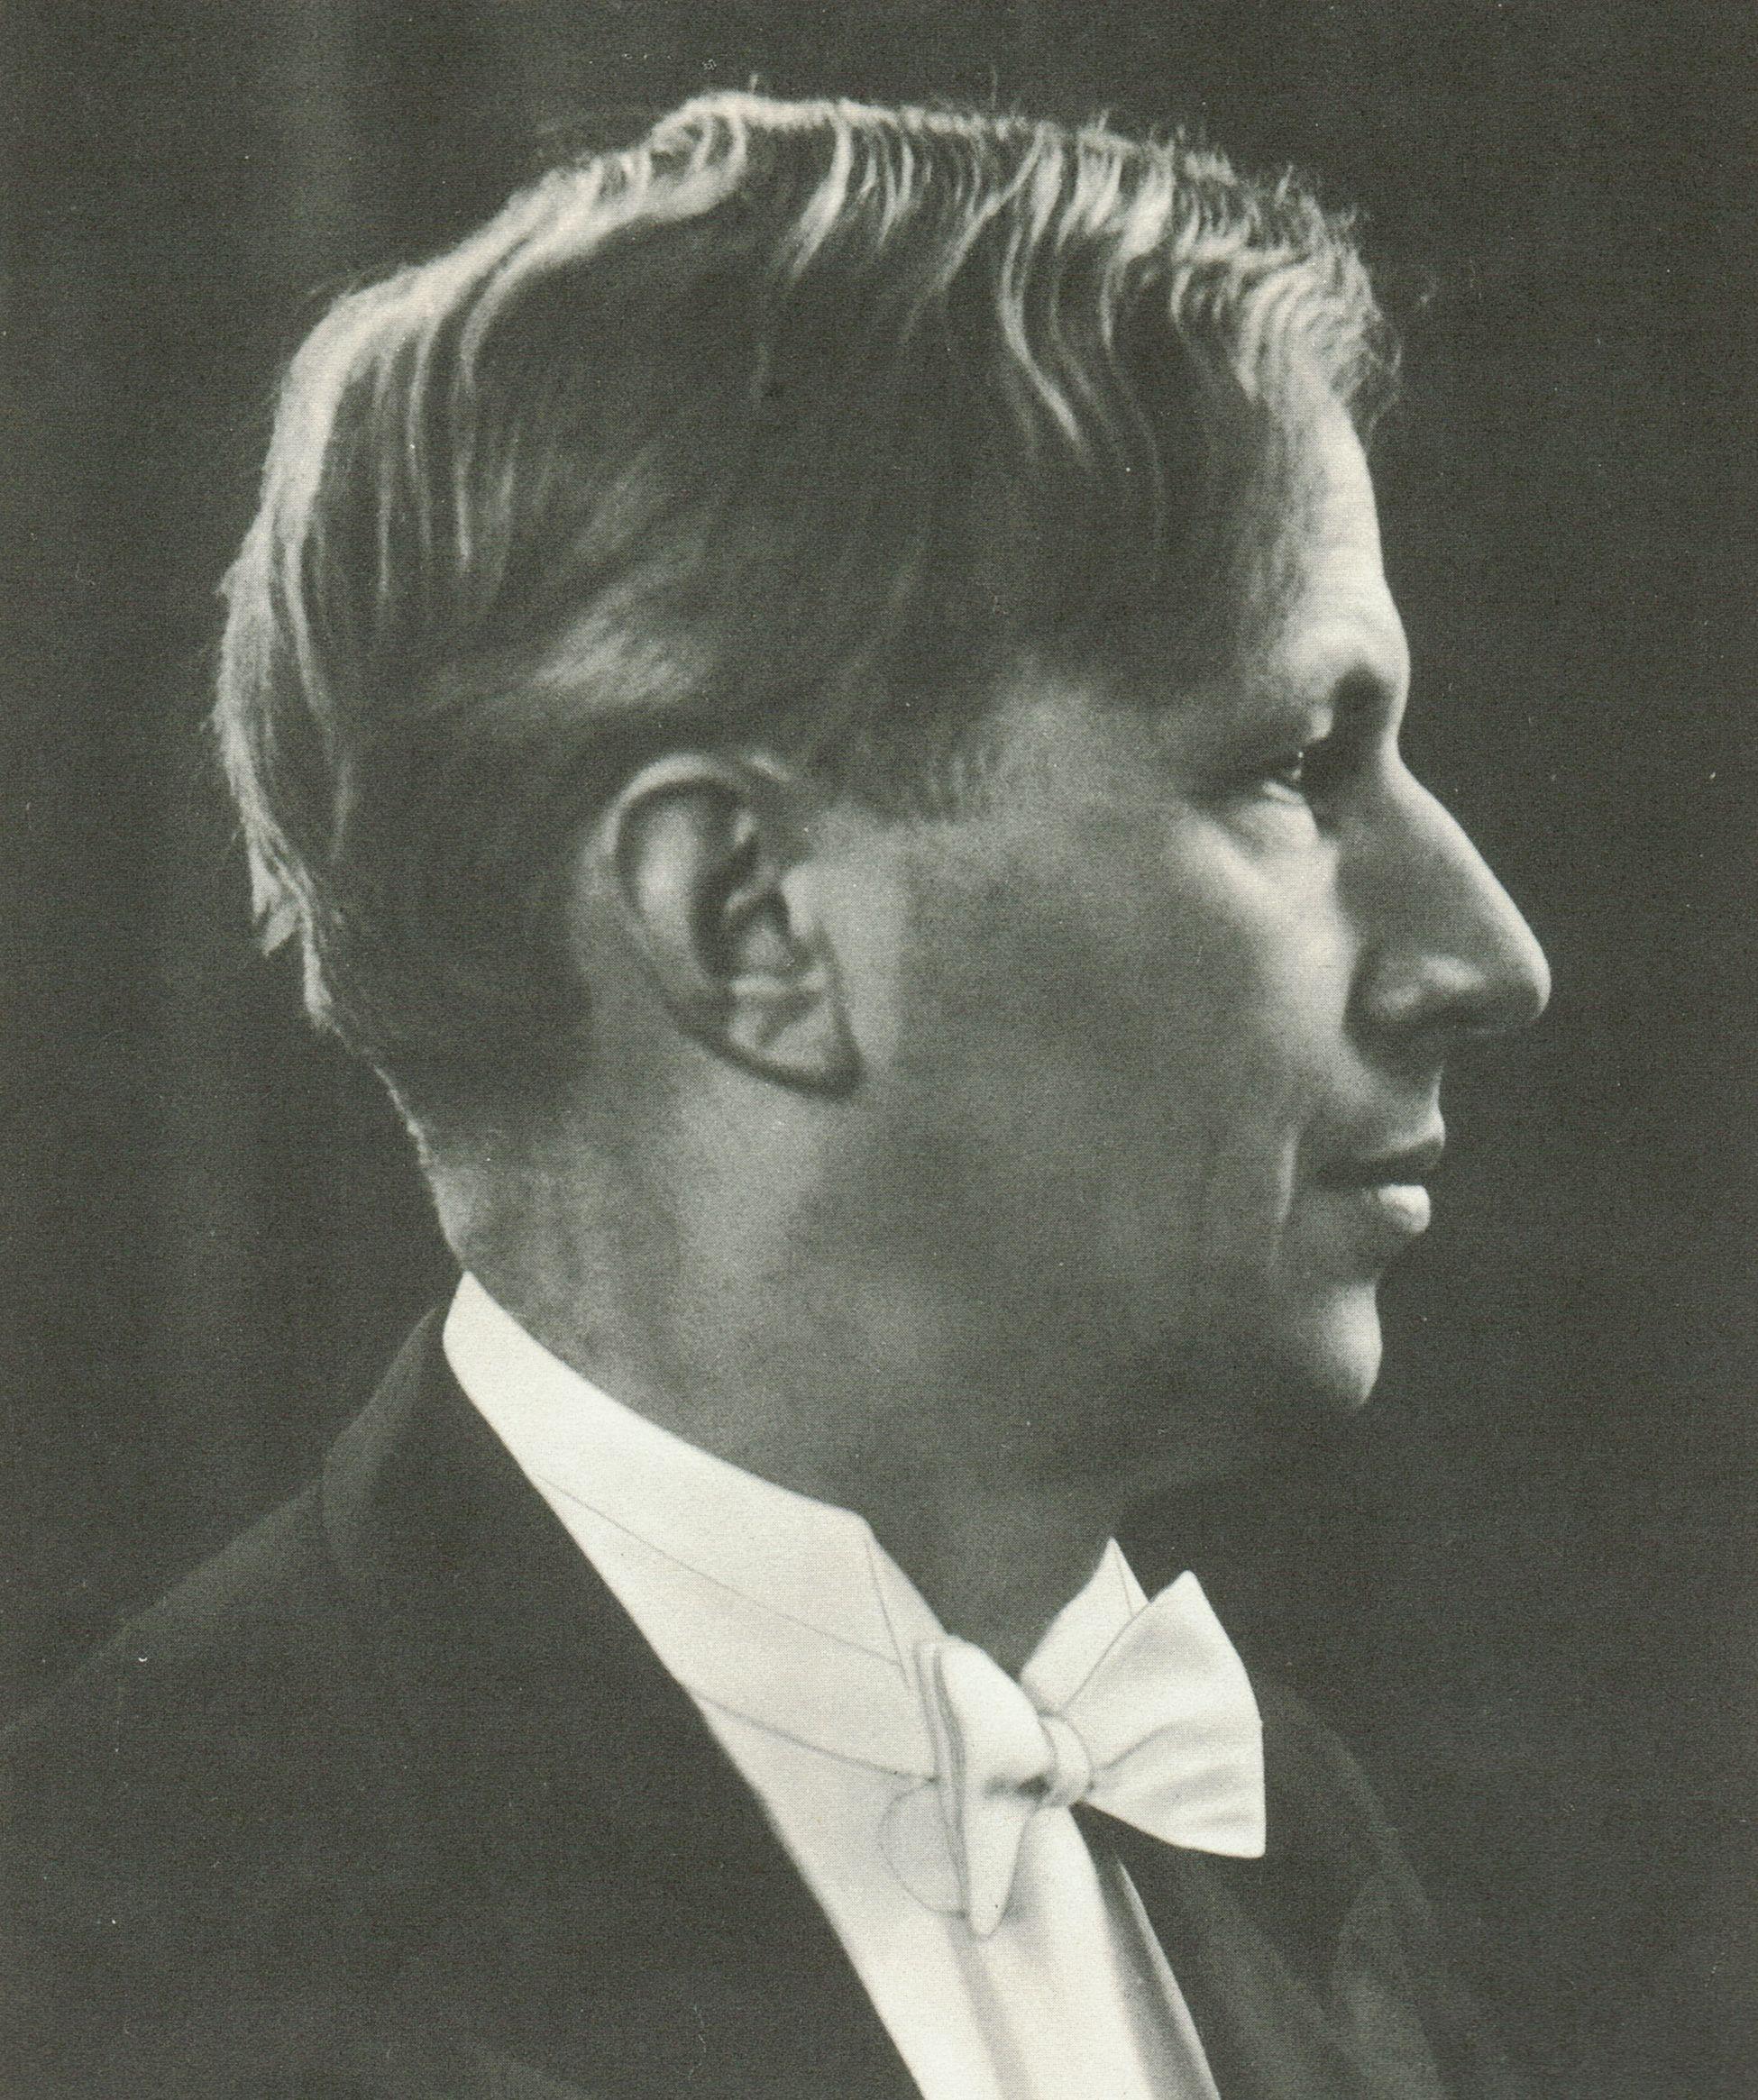 August WENZINGER, un portrait fait par Joan BASTANIER, Bremen, probablement fin des années 1950, publié entre autres dans le coffret DG Archive Production APM 14057